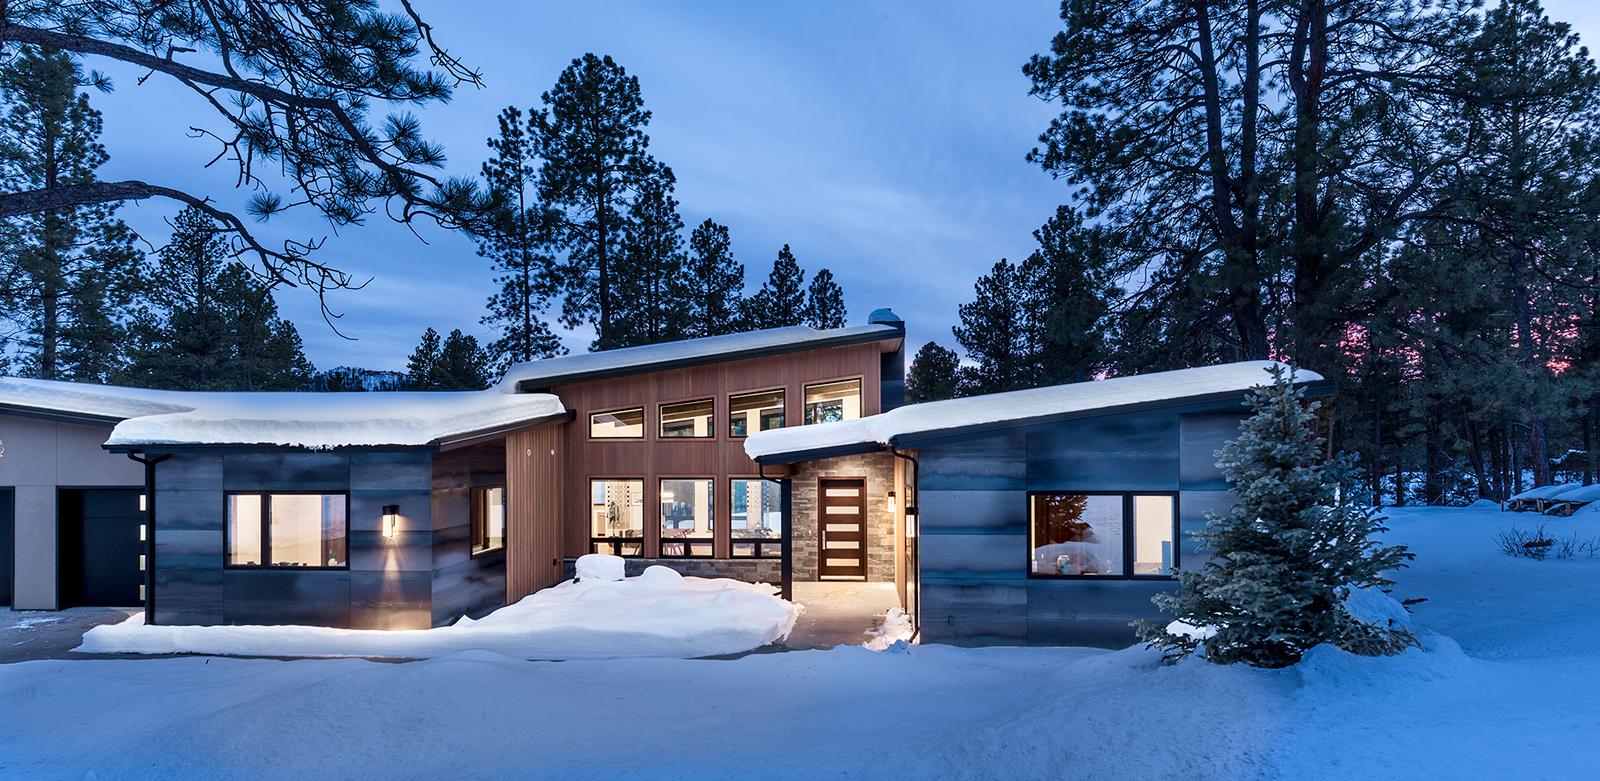 Frank Lloyd Wright Inspired Houses frank lloyd wright inspired home custom-homes